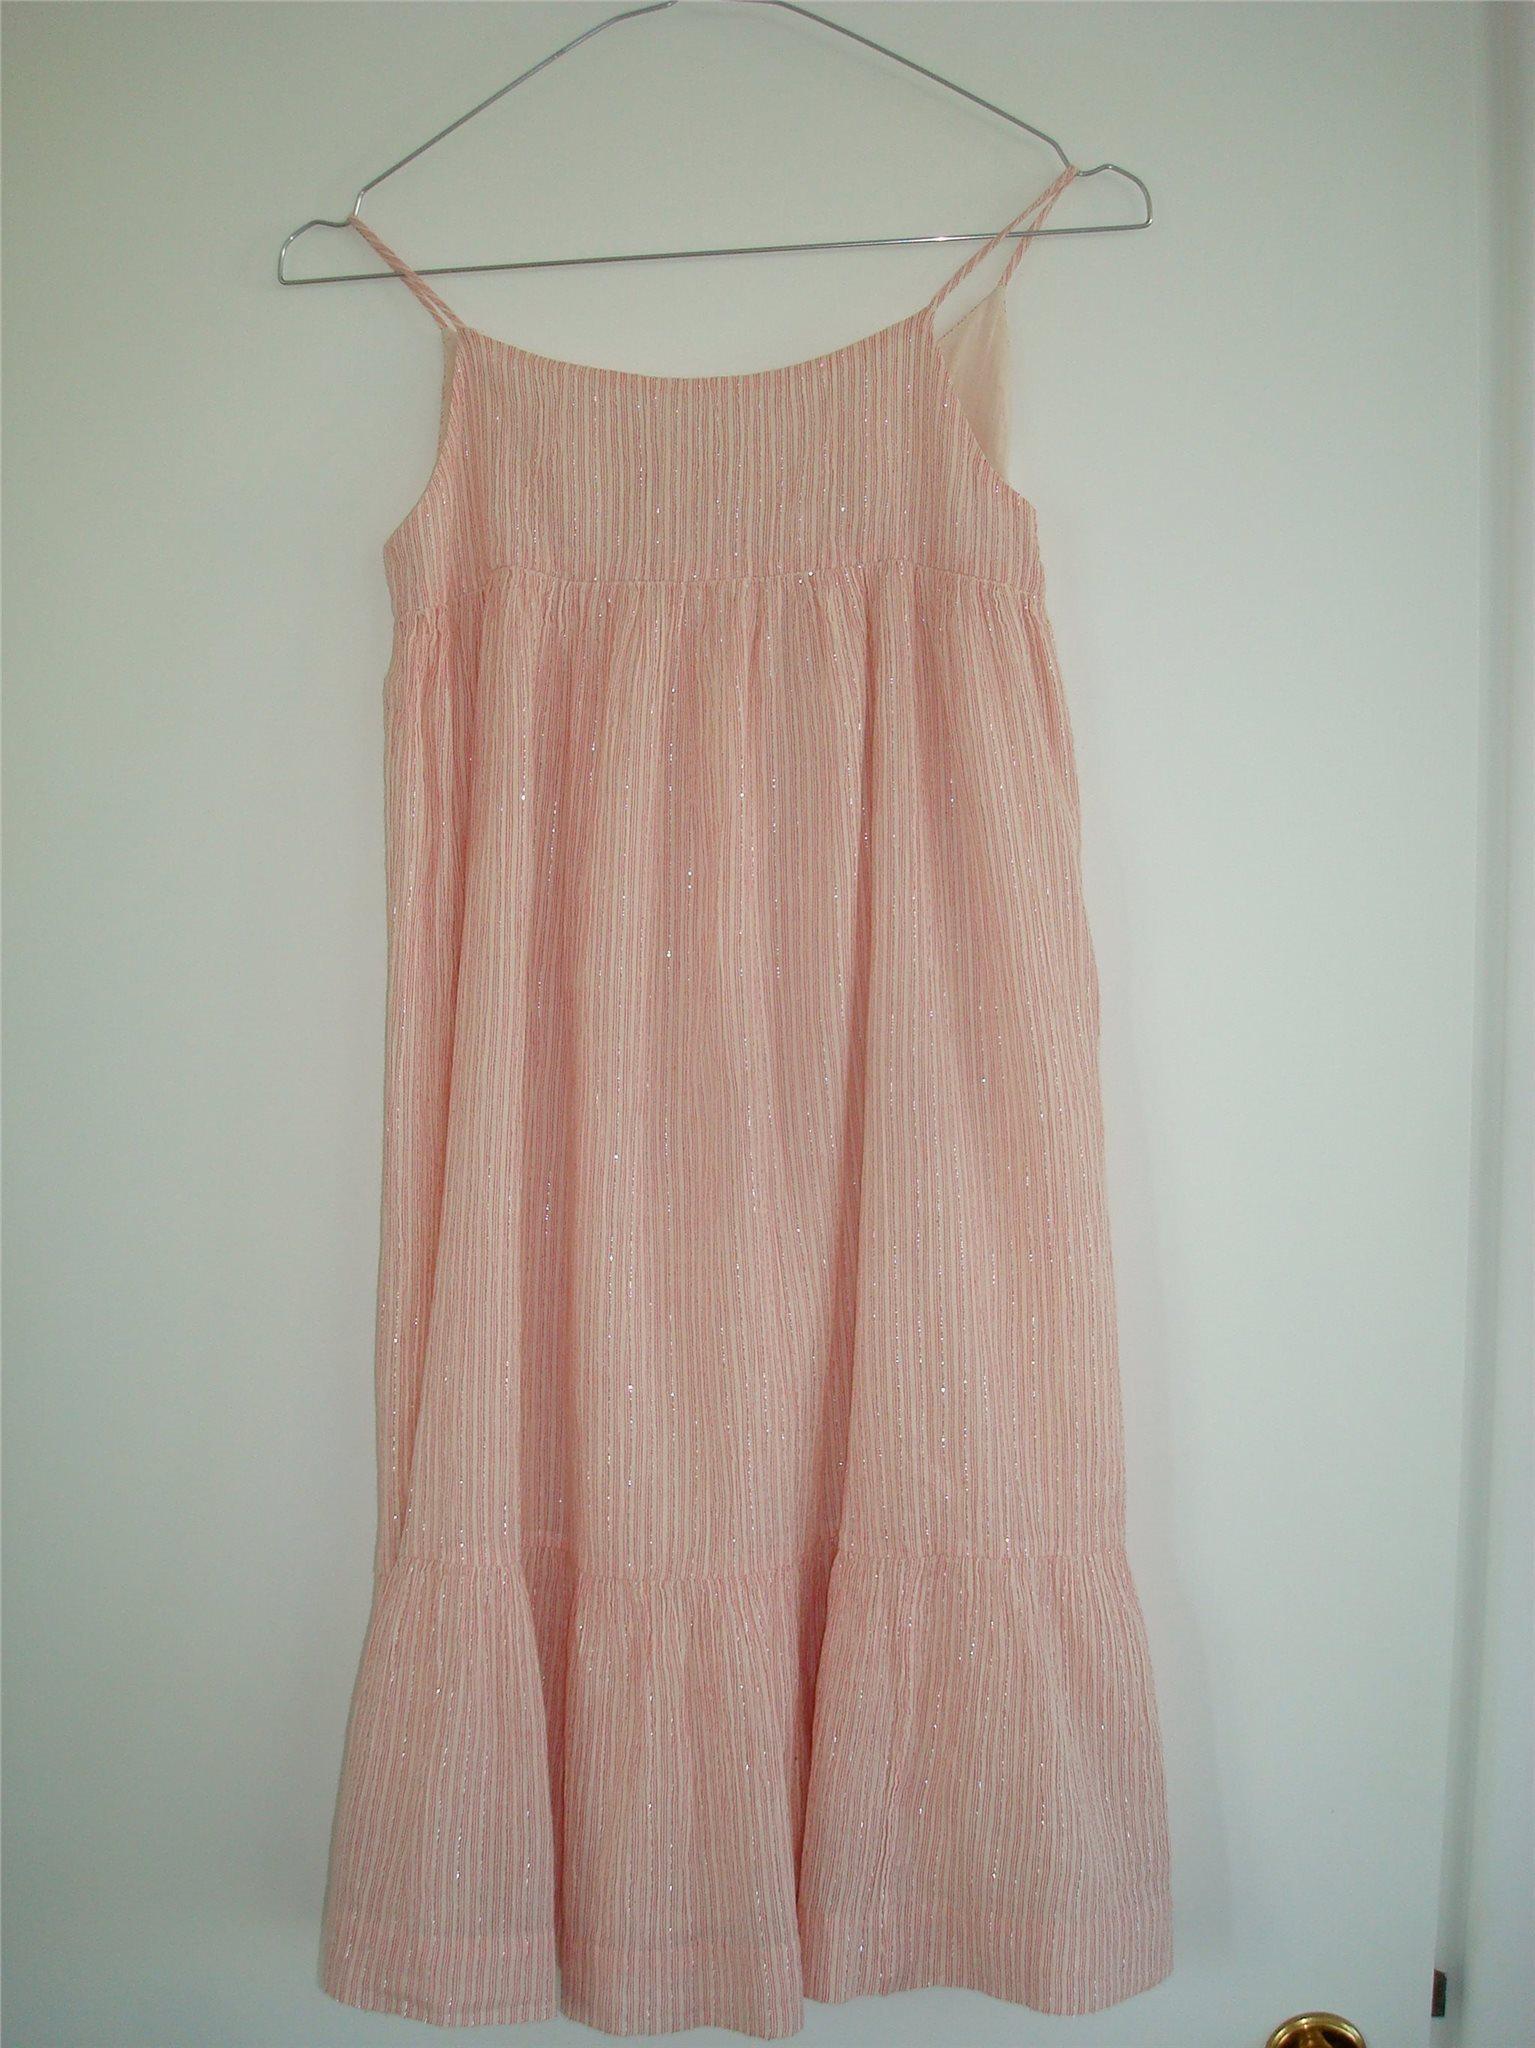 Ny Klänning Bonpoint Stl 8 år rosa   silver klänning sommar klänning Nyskick a1422146f1547